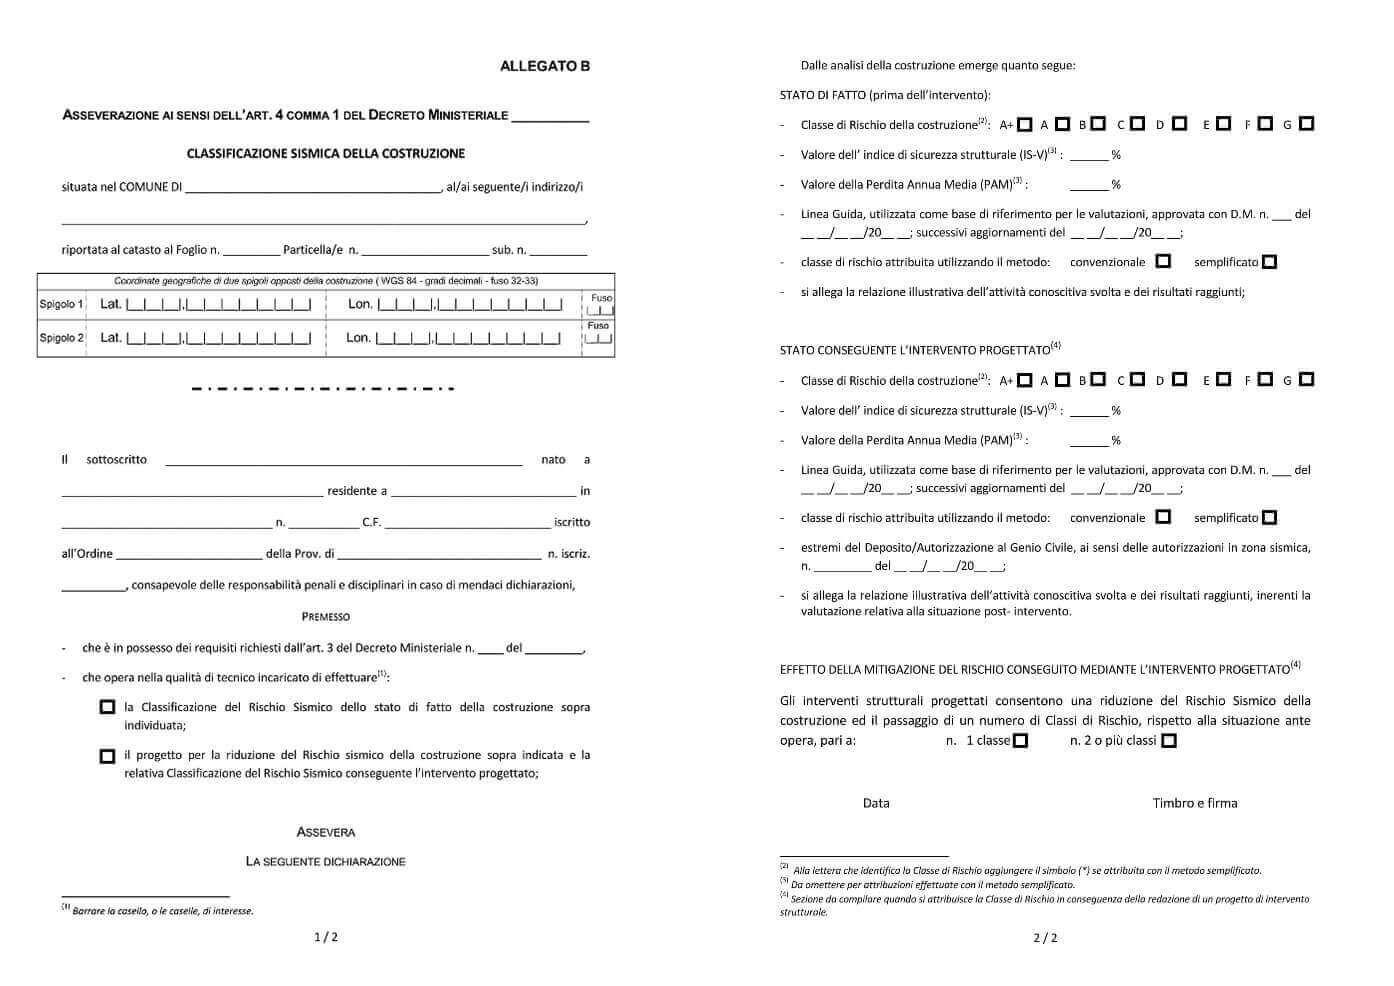 Comunicazione Asl Detrazione 50 Modulo sismabonus 2020: sconto in fattura e detrazioni interventi